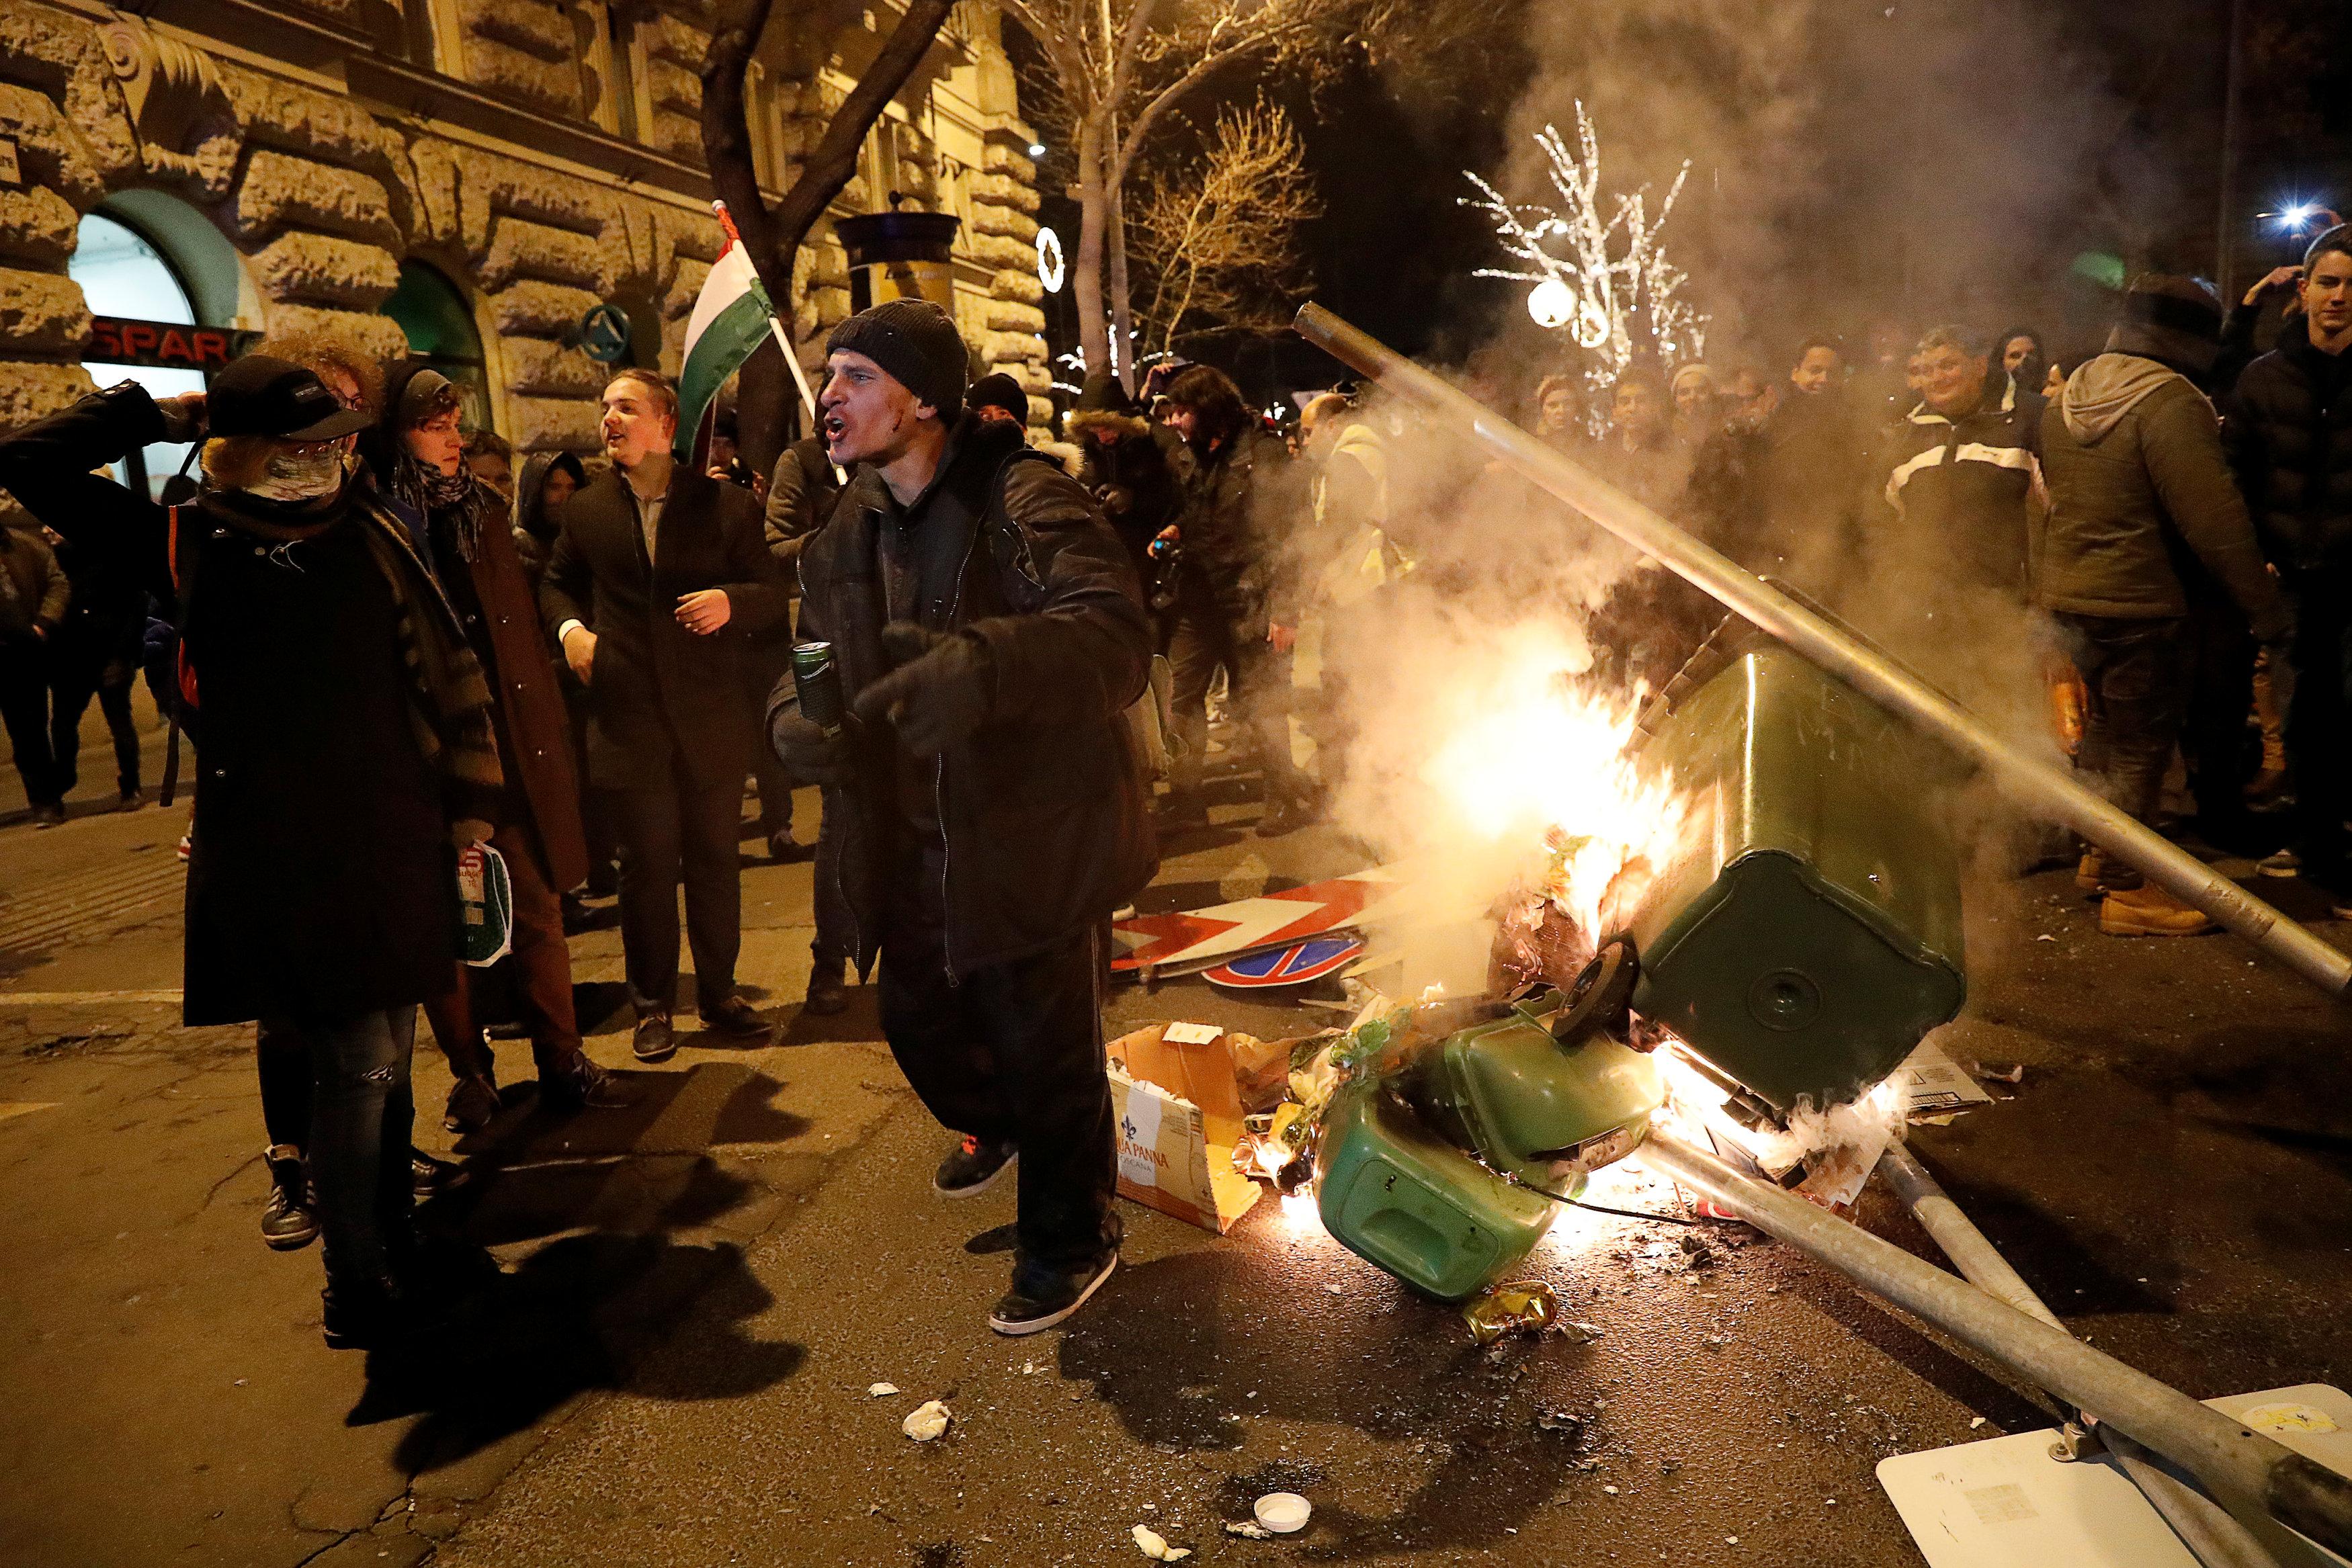 احتجاجات فى المجر ضد قانون العمل الجديد (13)